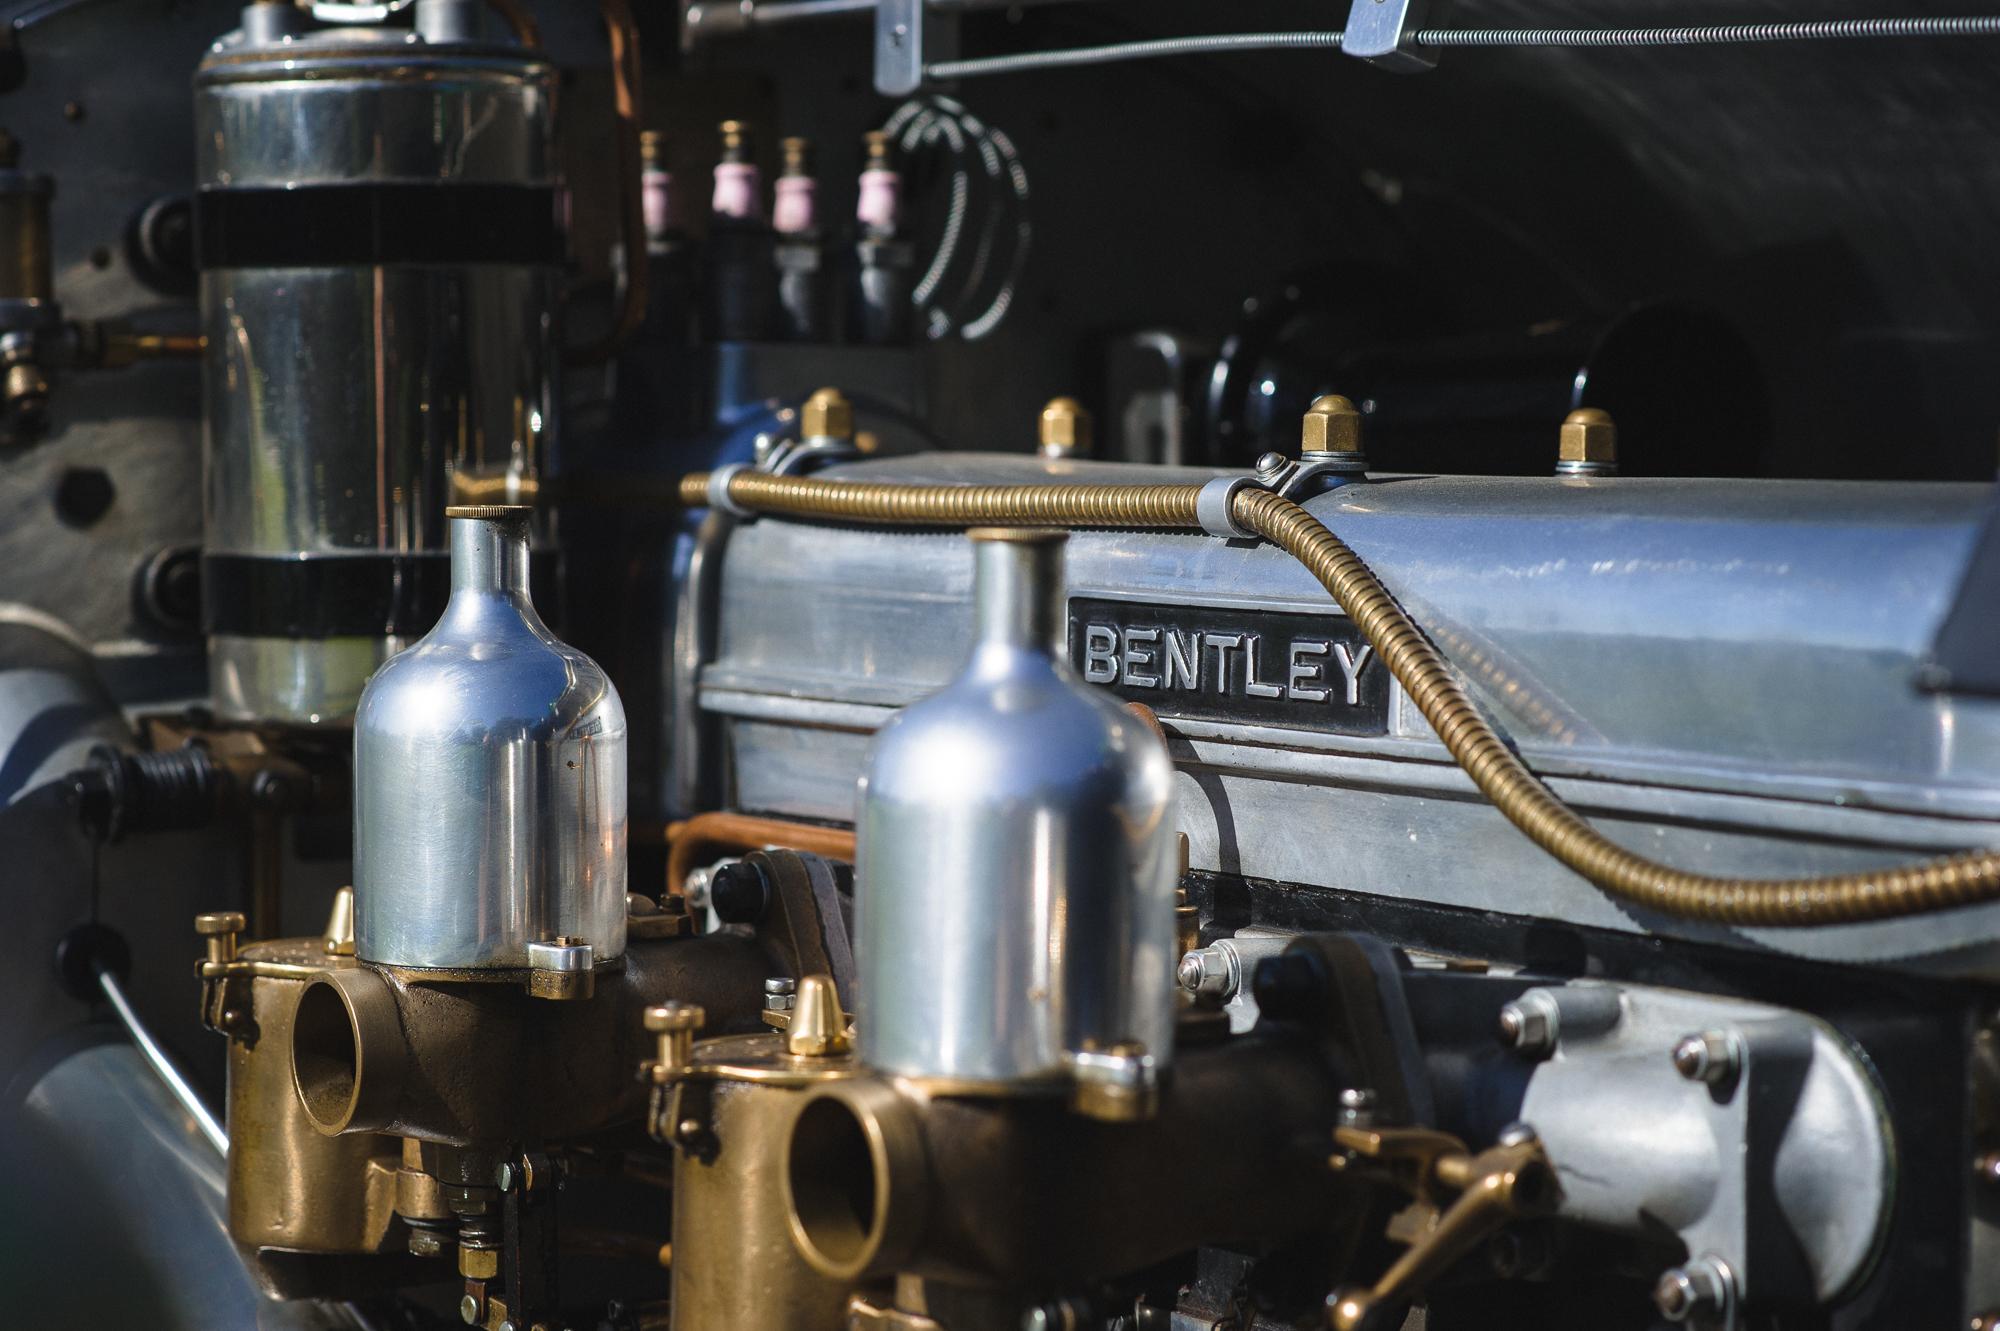 Bentley_3-4.5_LeMans_044.jpg